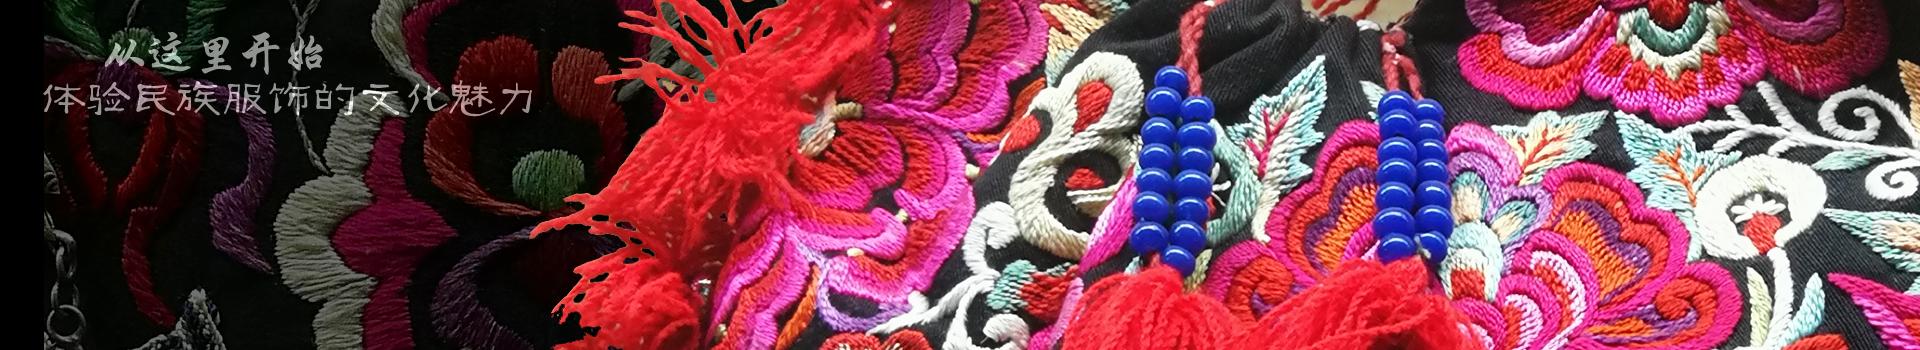 霓裳民族服饰带您领略民族服饰之美